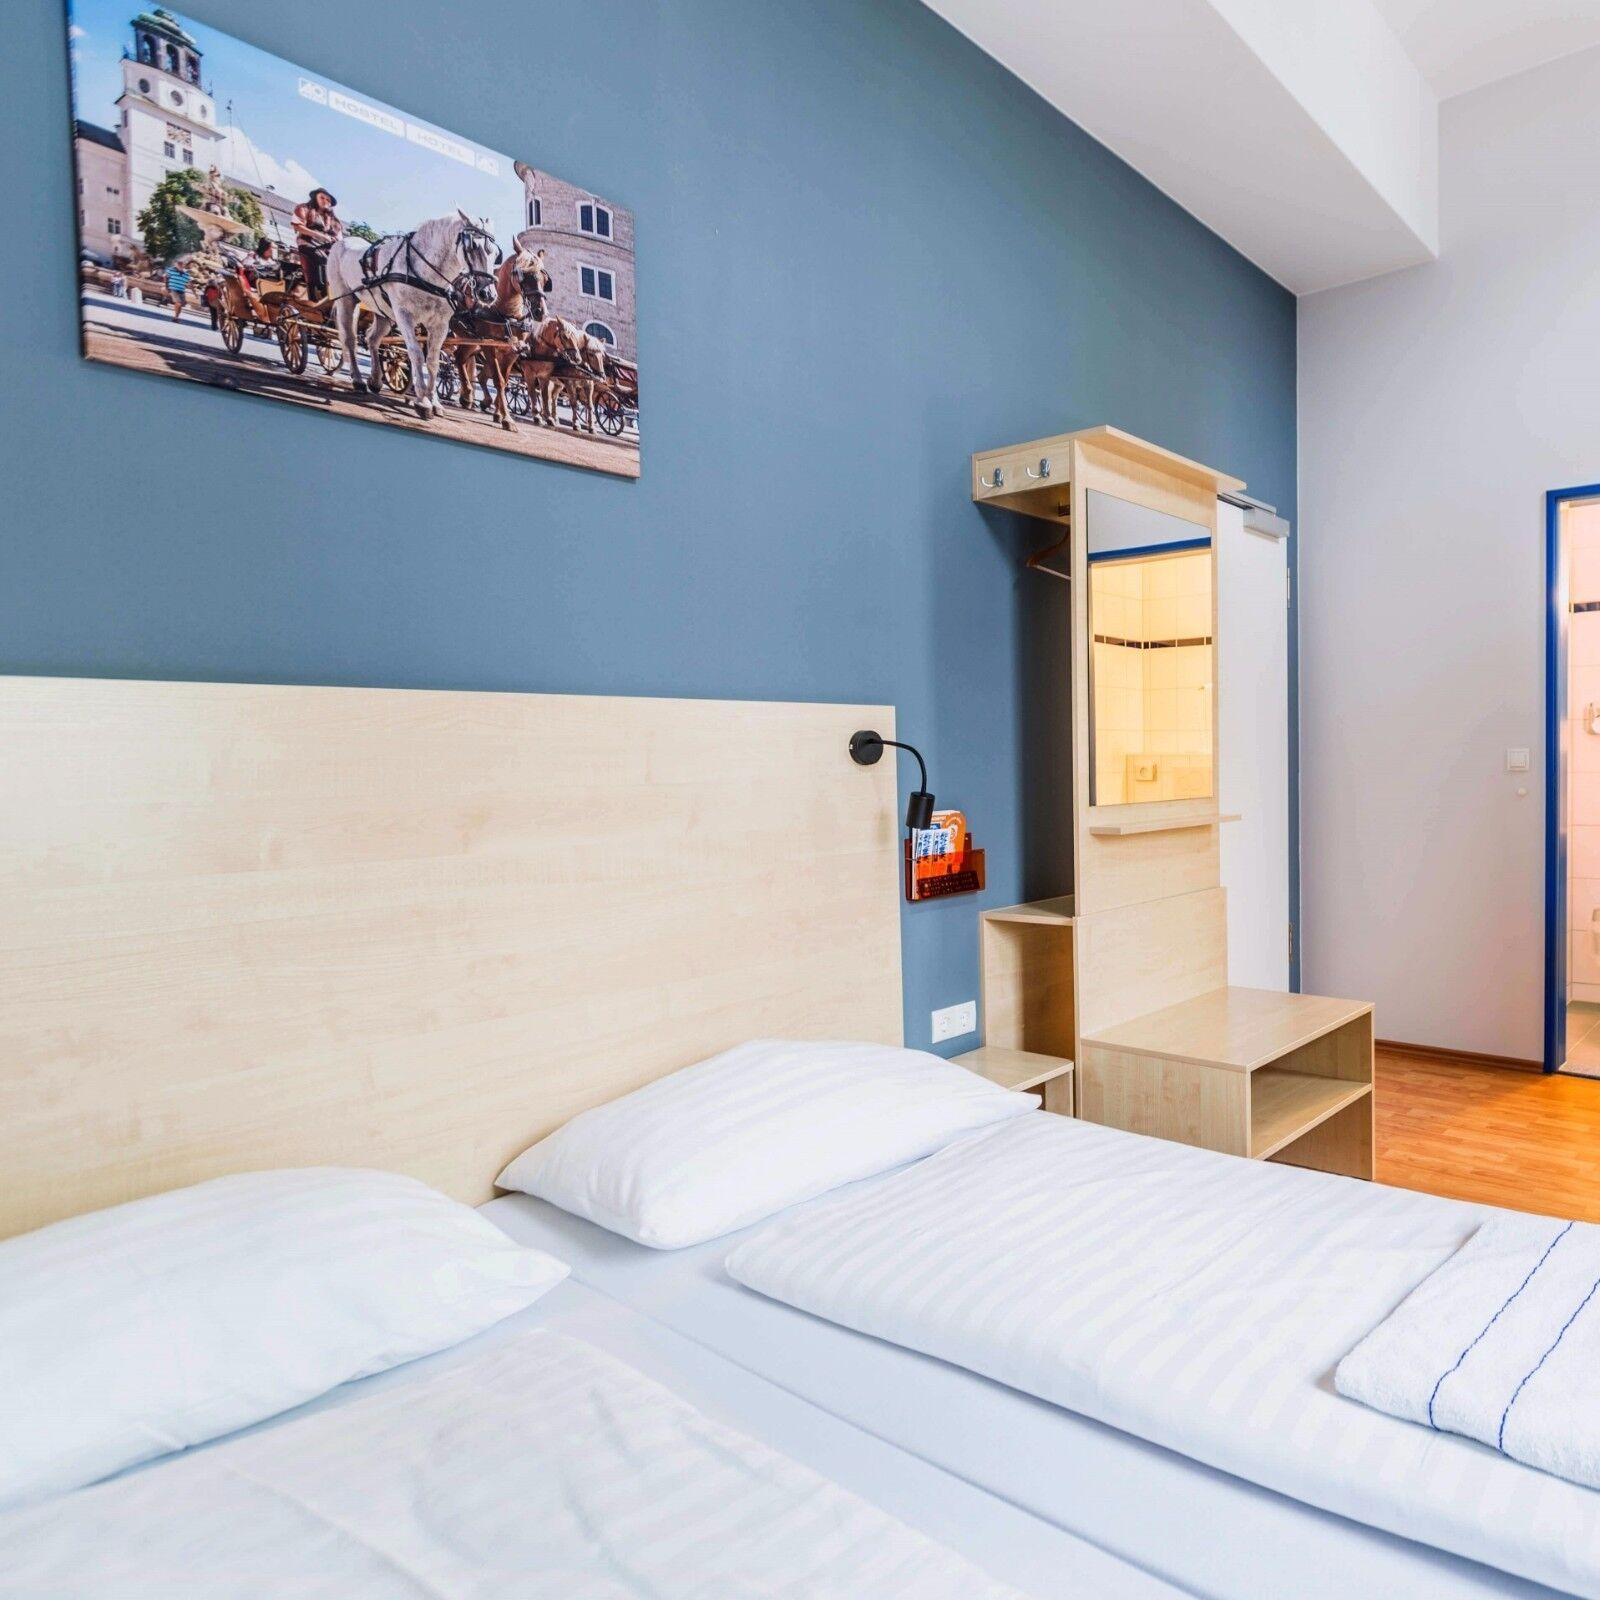 2 Tage Berlin Urlaub im Zentrum Übernachtung, Hotel, Frühstück, 2Erw + 2 Kinder